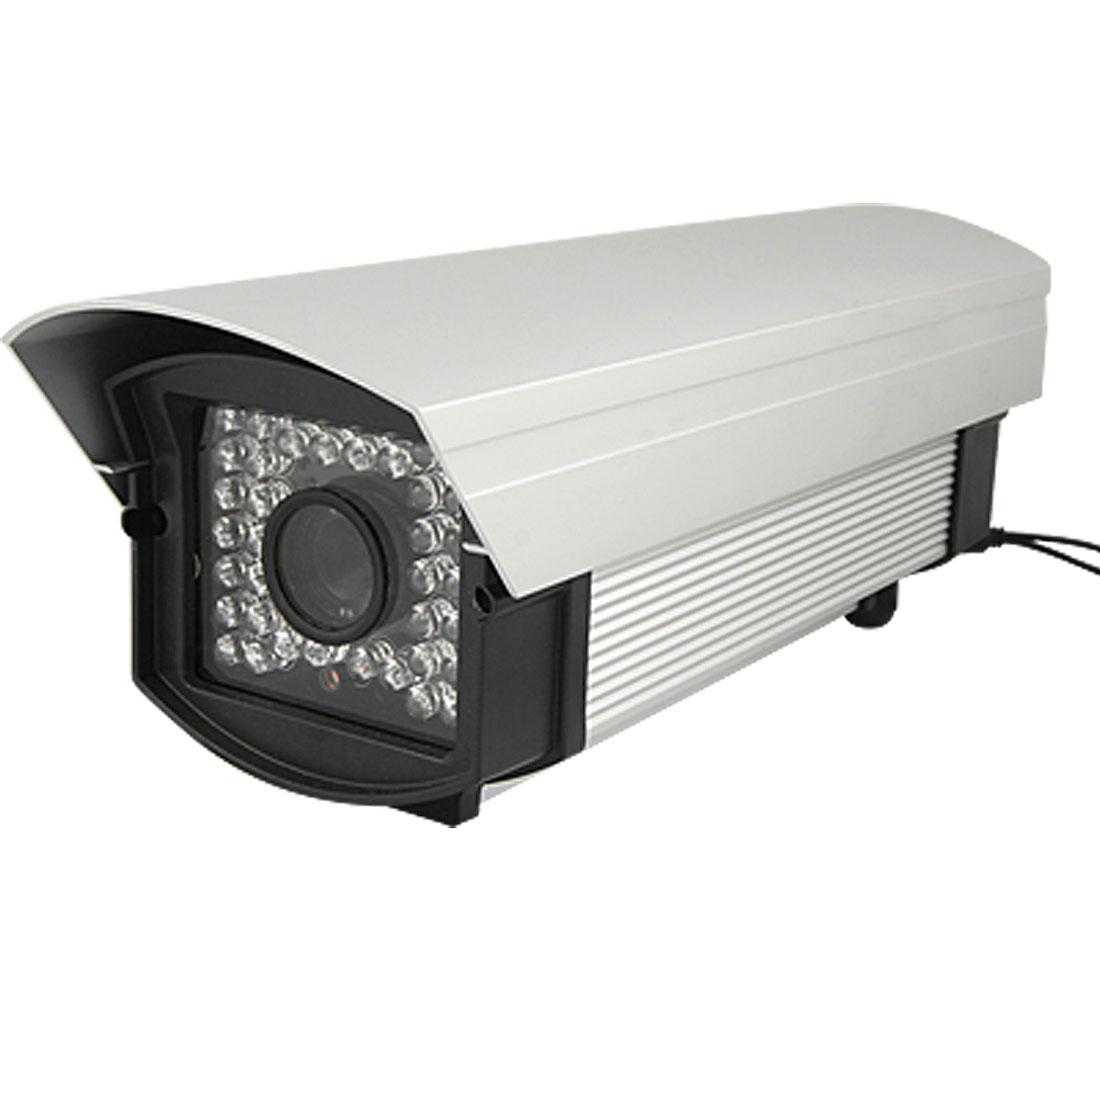 EU Plug AC 110V-240V 12mm Lens Ceiling 1/4 Sharp CCD IR CCTV Camera w Charger